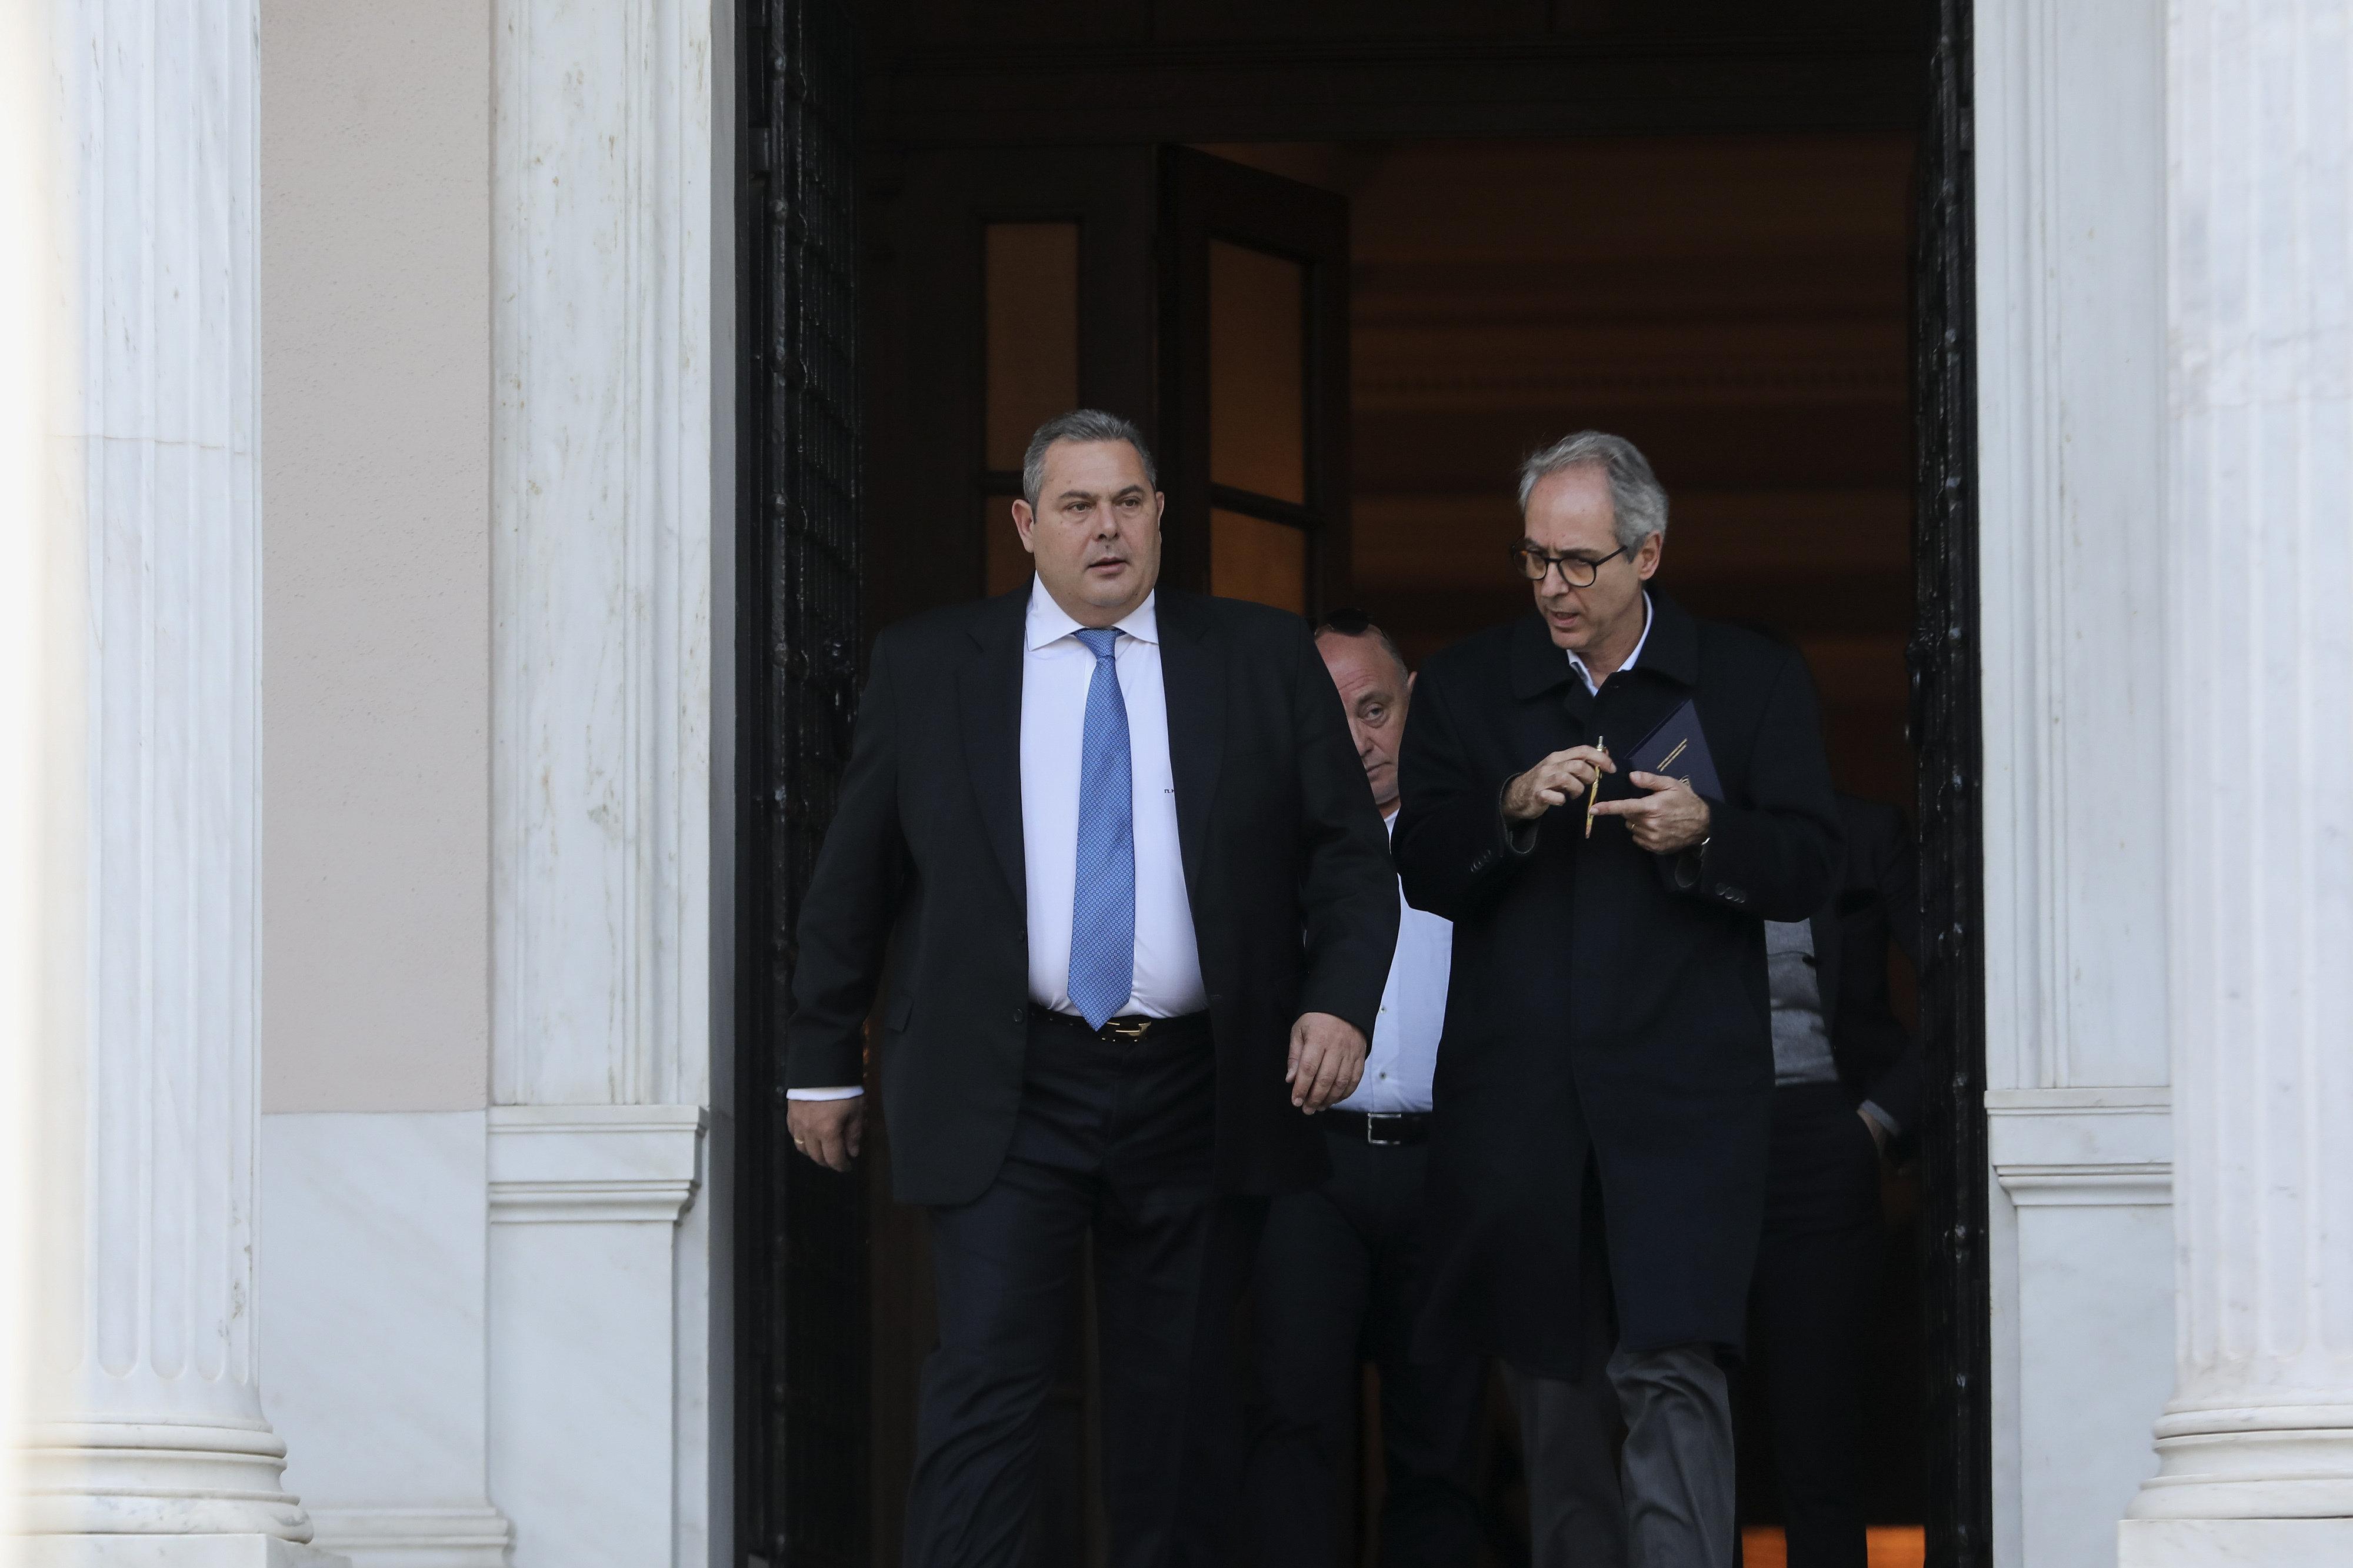 Νέα παραίτηση στους ΑΝΕΛ: Αποχώρησε και ο πρώην γραμματέας Γιάννης